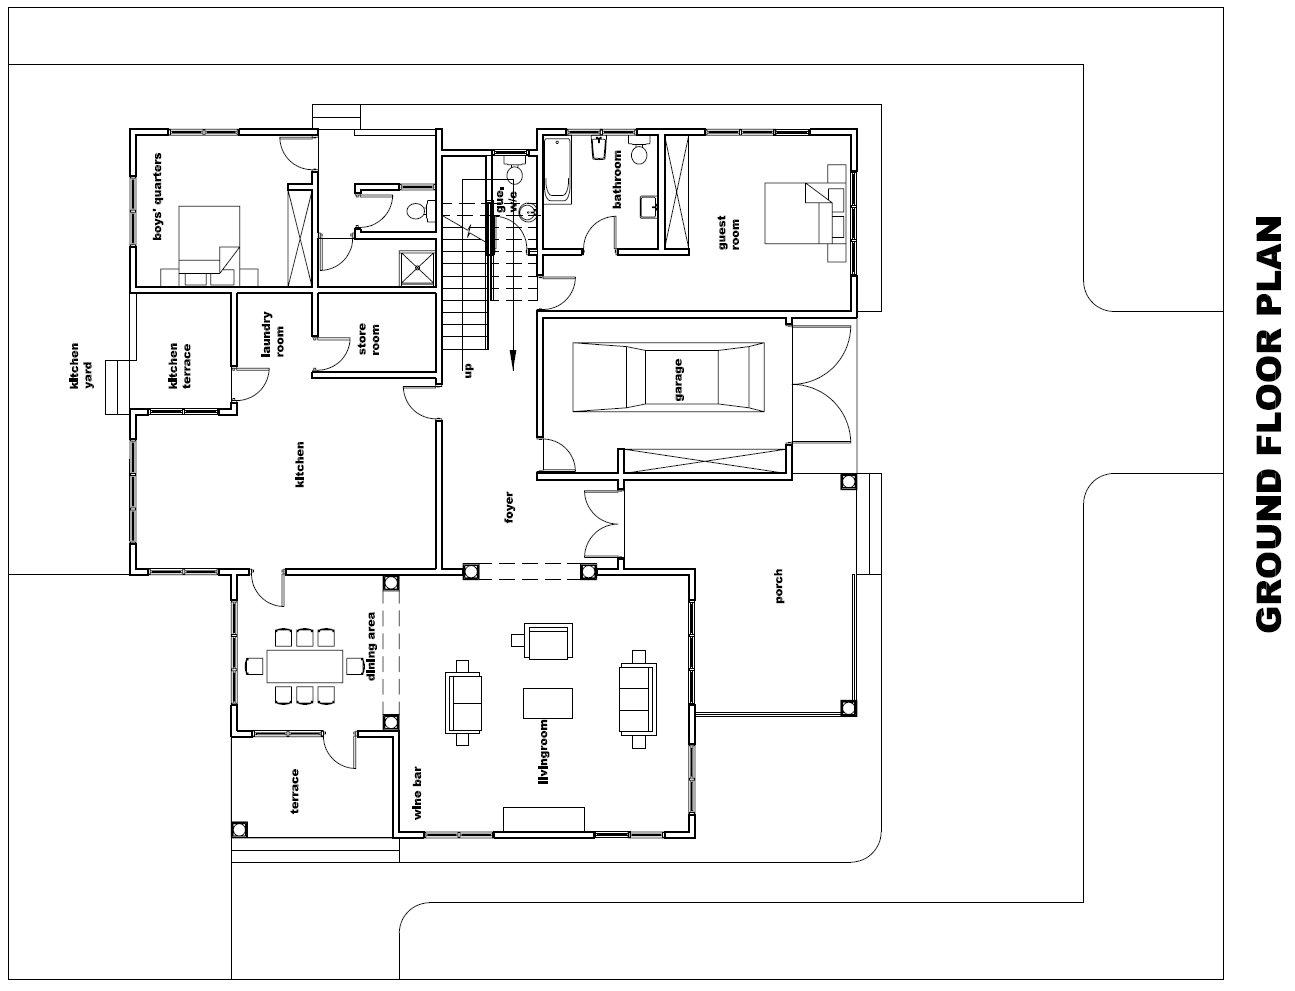 Goan House Designs And Floor Plans: Ghana House Designs